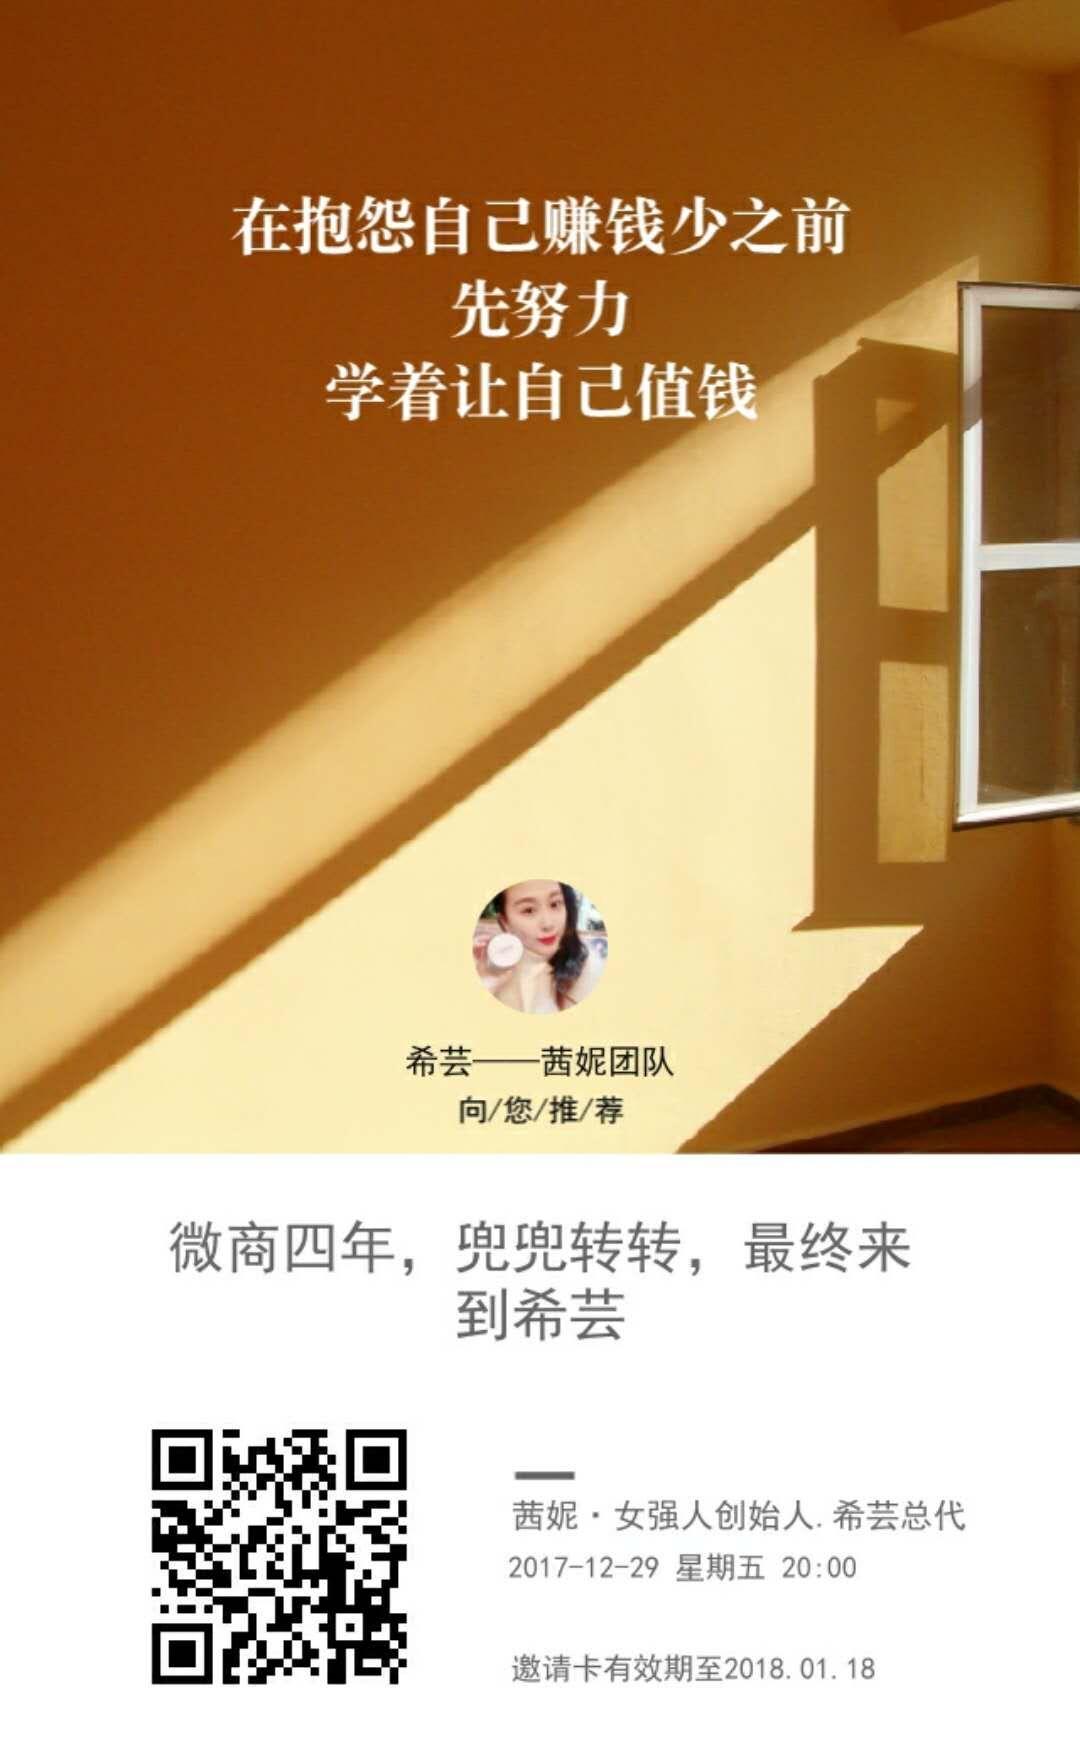 希芸团队课程:微商思念,兜兜转转,最终来到希芸95 / 作者:syrinx2012 / 帖子ID:54,55